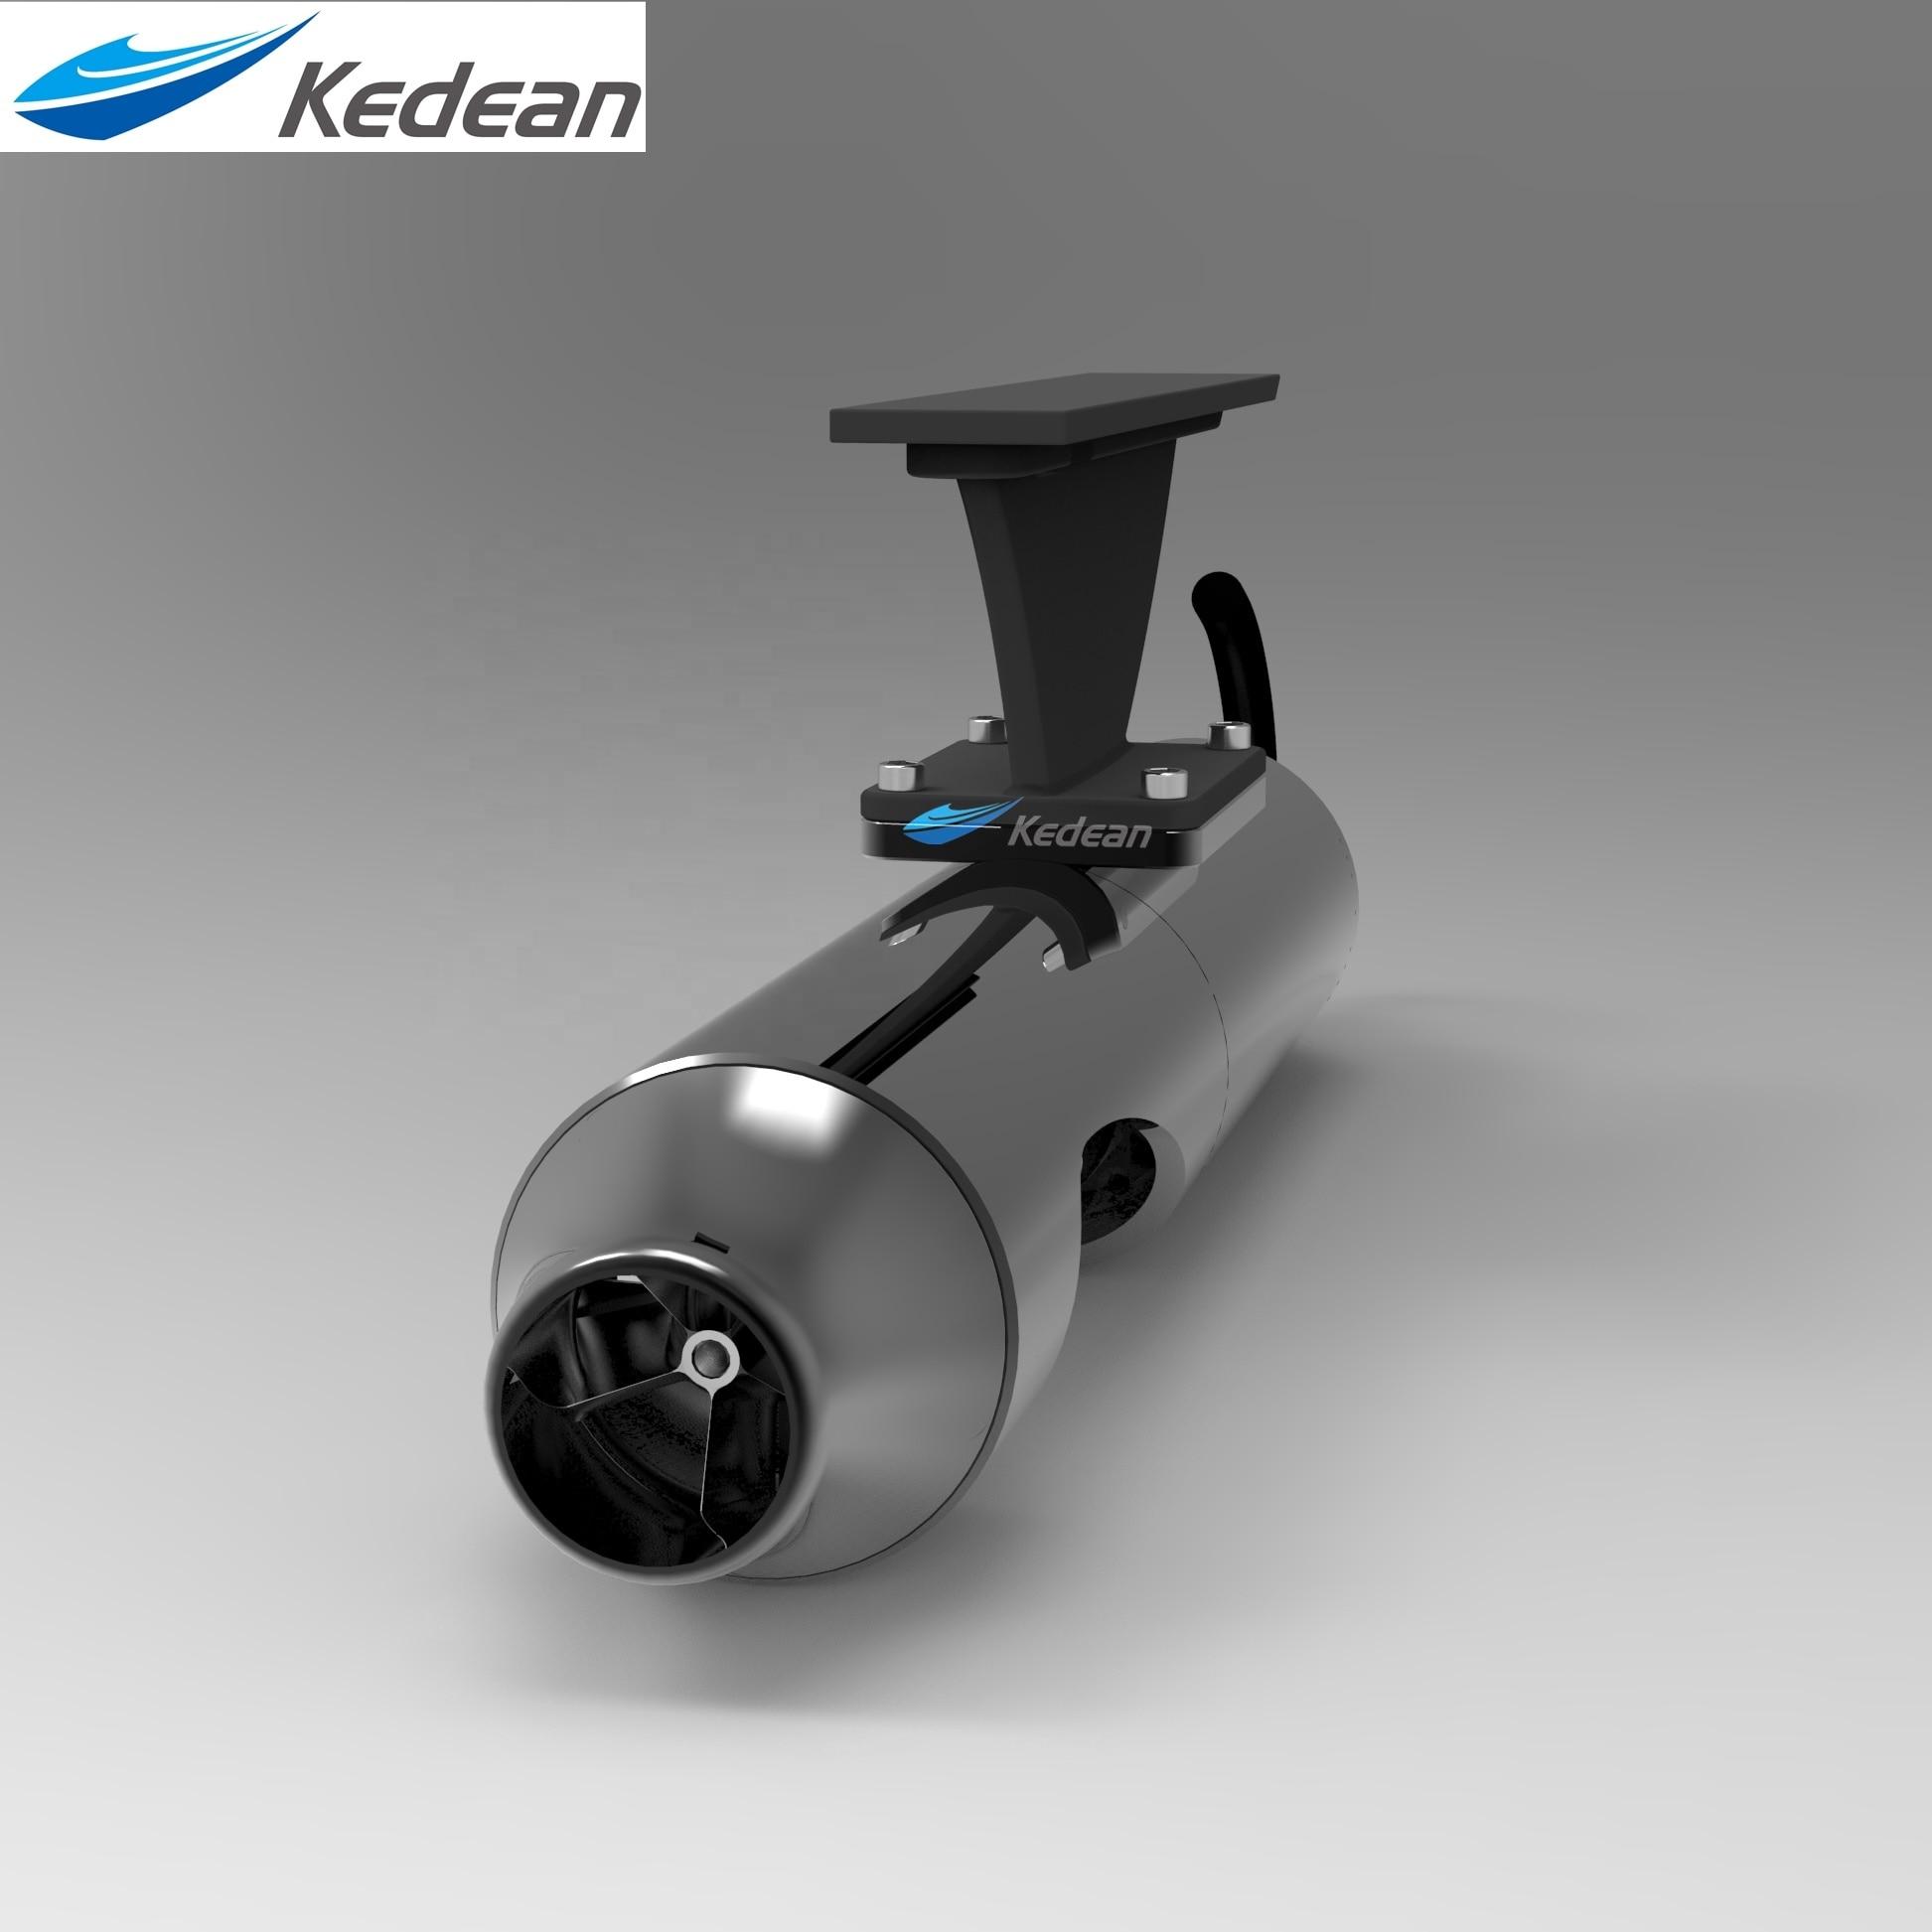 Электрический пропеллер для доски для сапсёрфинга двигатели электрические ребра последние запатентованные продукты морской пропеллеры Э